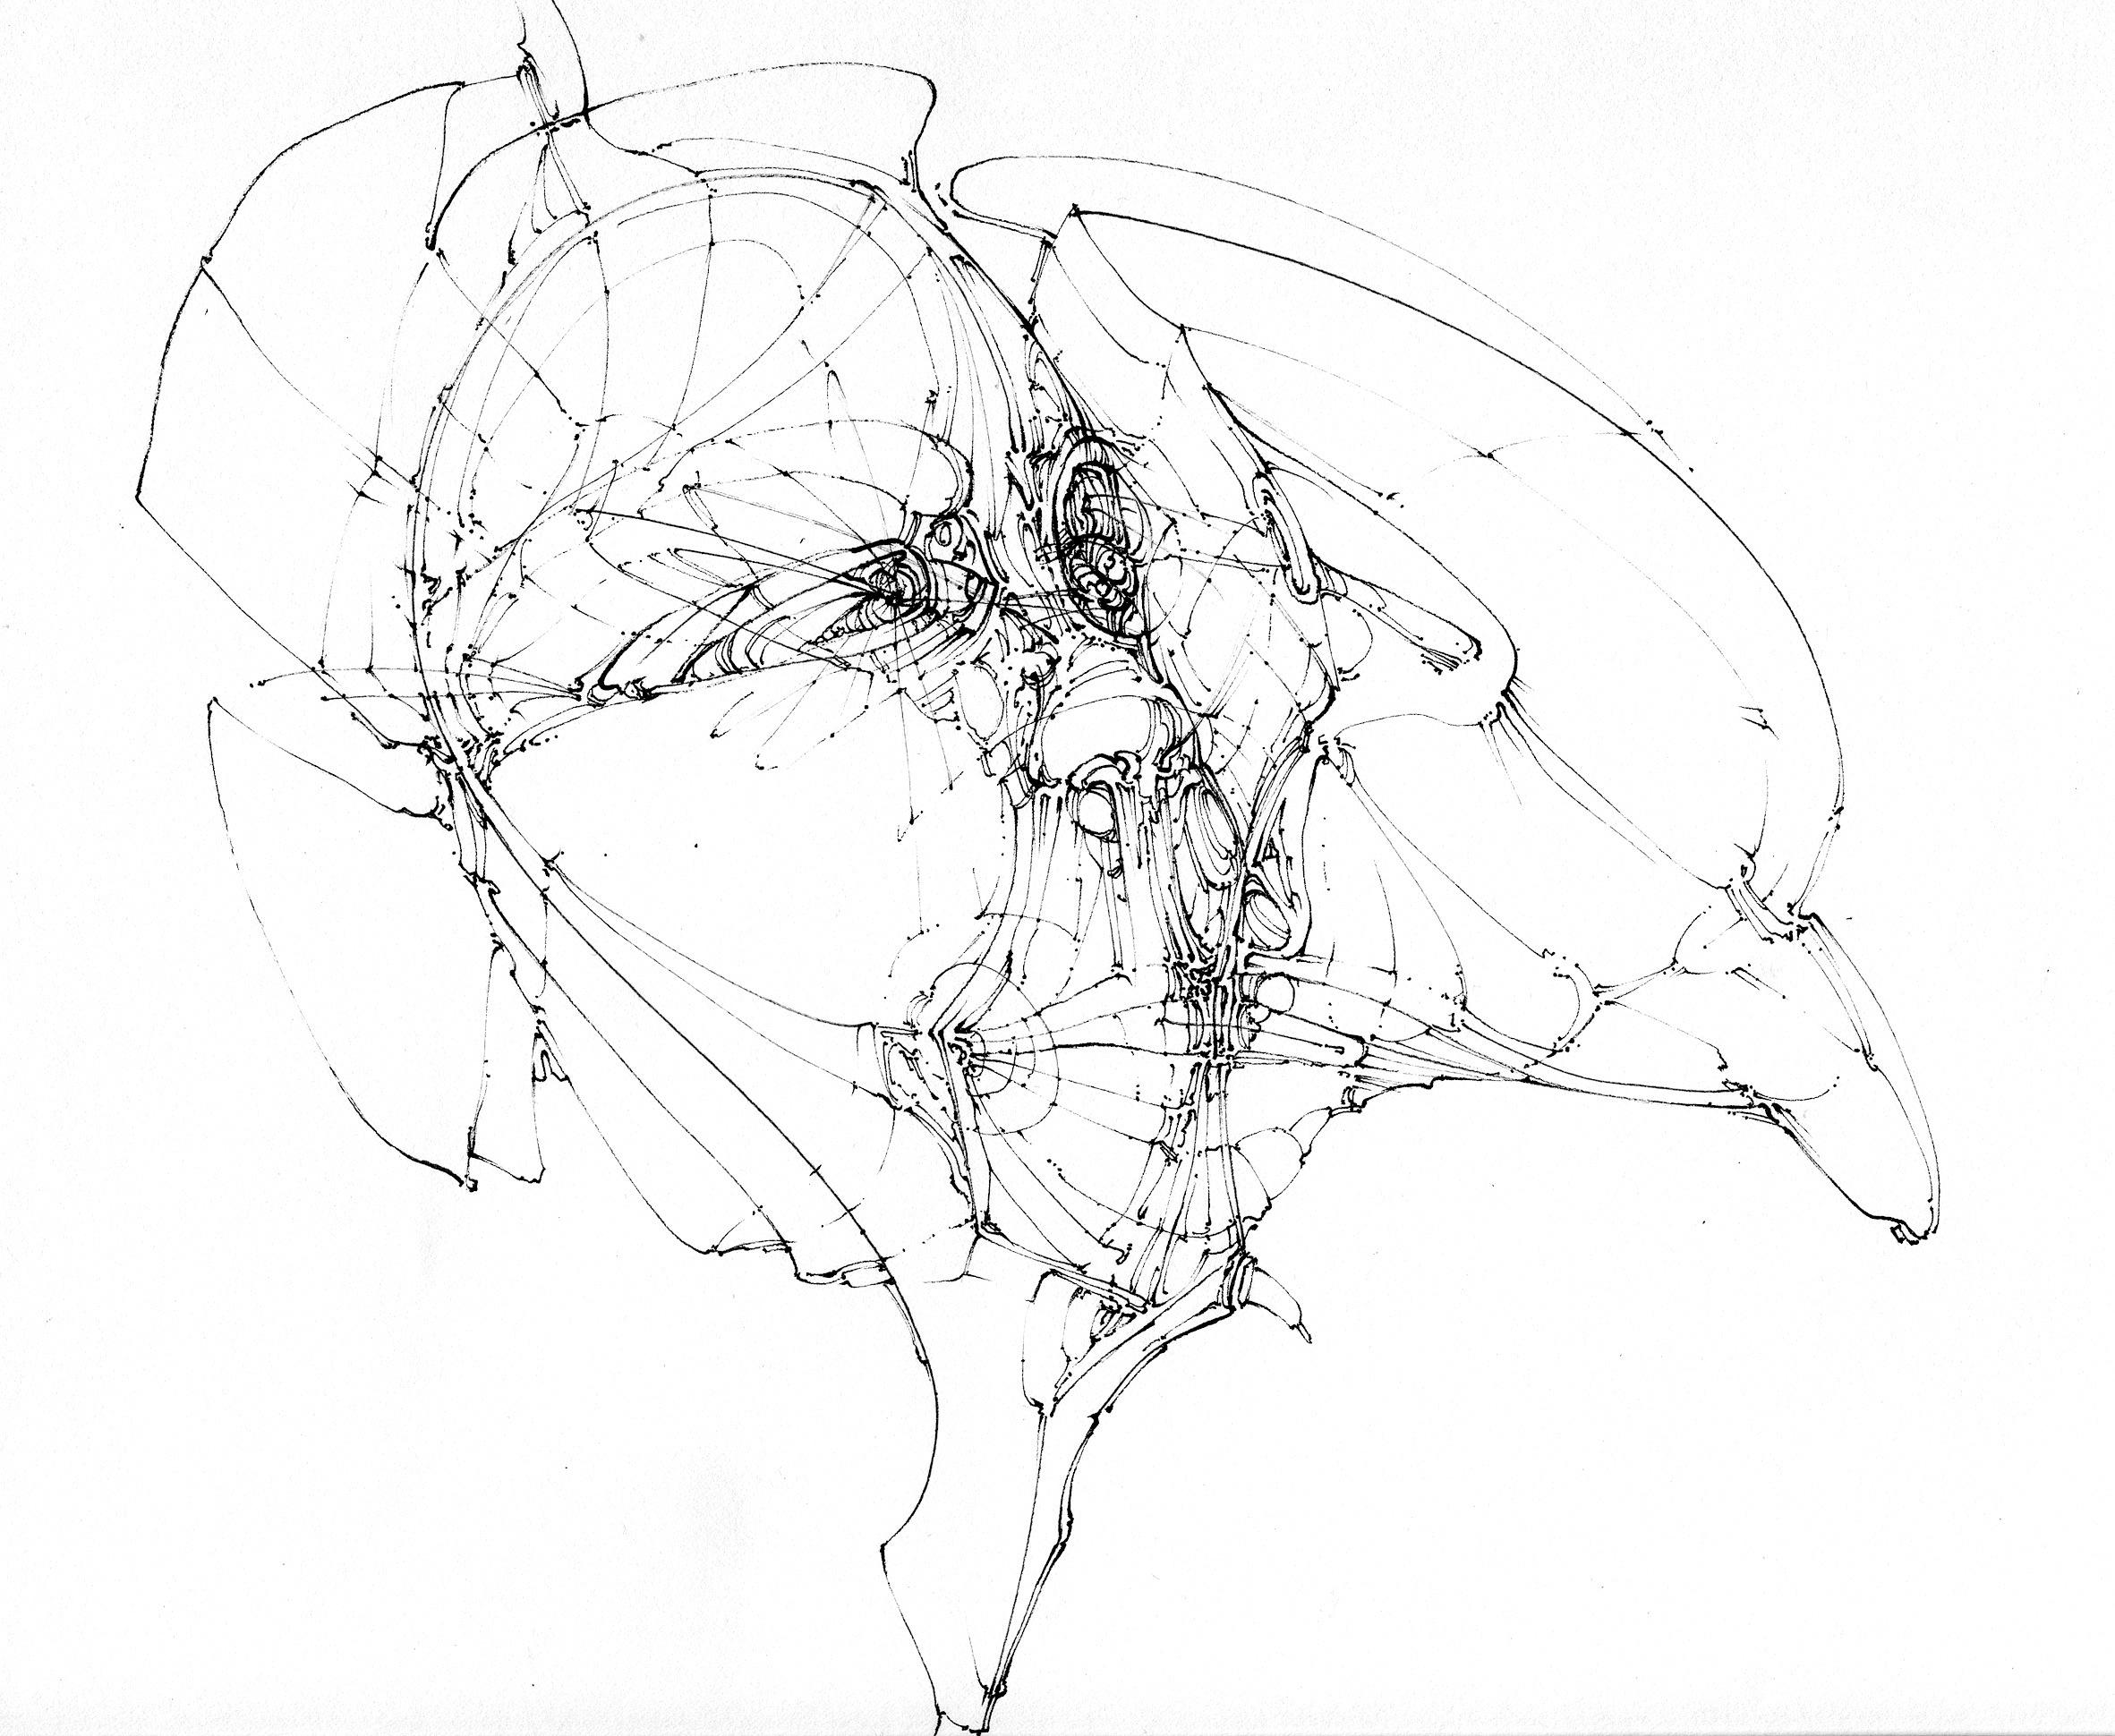 23 objekt 28x36 (1994)